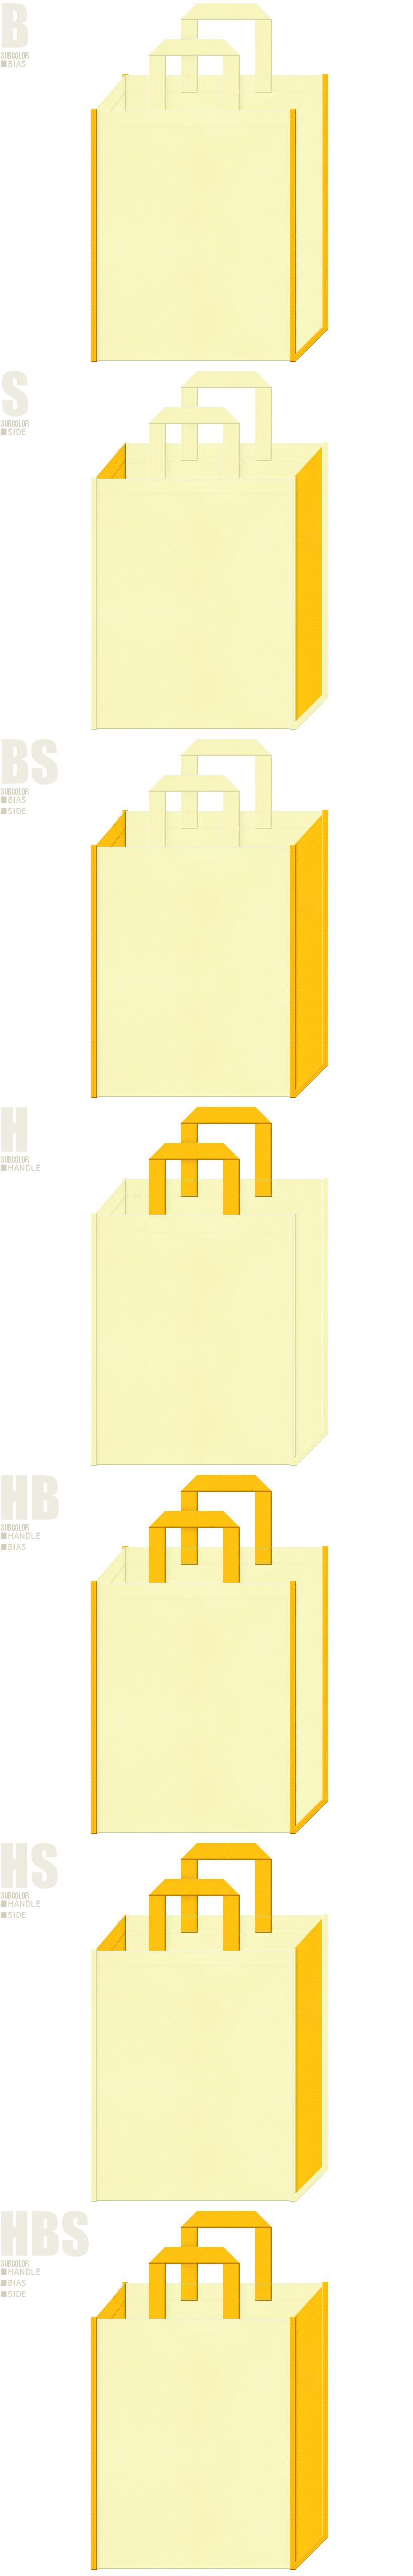 交通安全・通園バッグ・エンジェル・たまご・ひよこ・レモン・ビタミン・ひまわり・菜の花・テーマパークにお奨めの不織布バッグデザイン:薄黄色と黄色の配色7パターン。